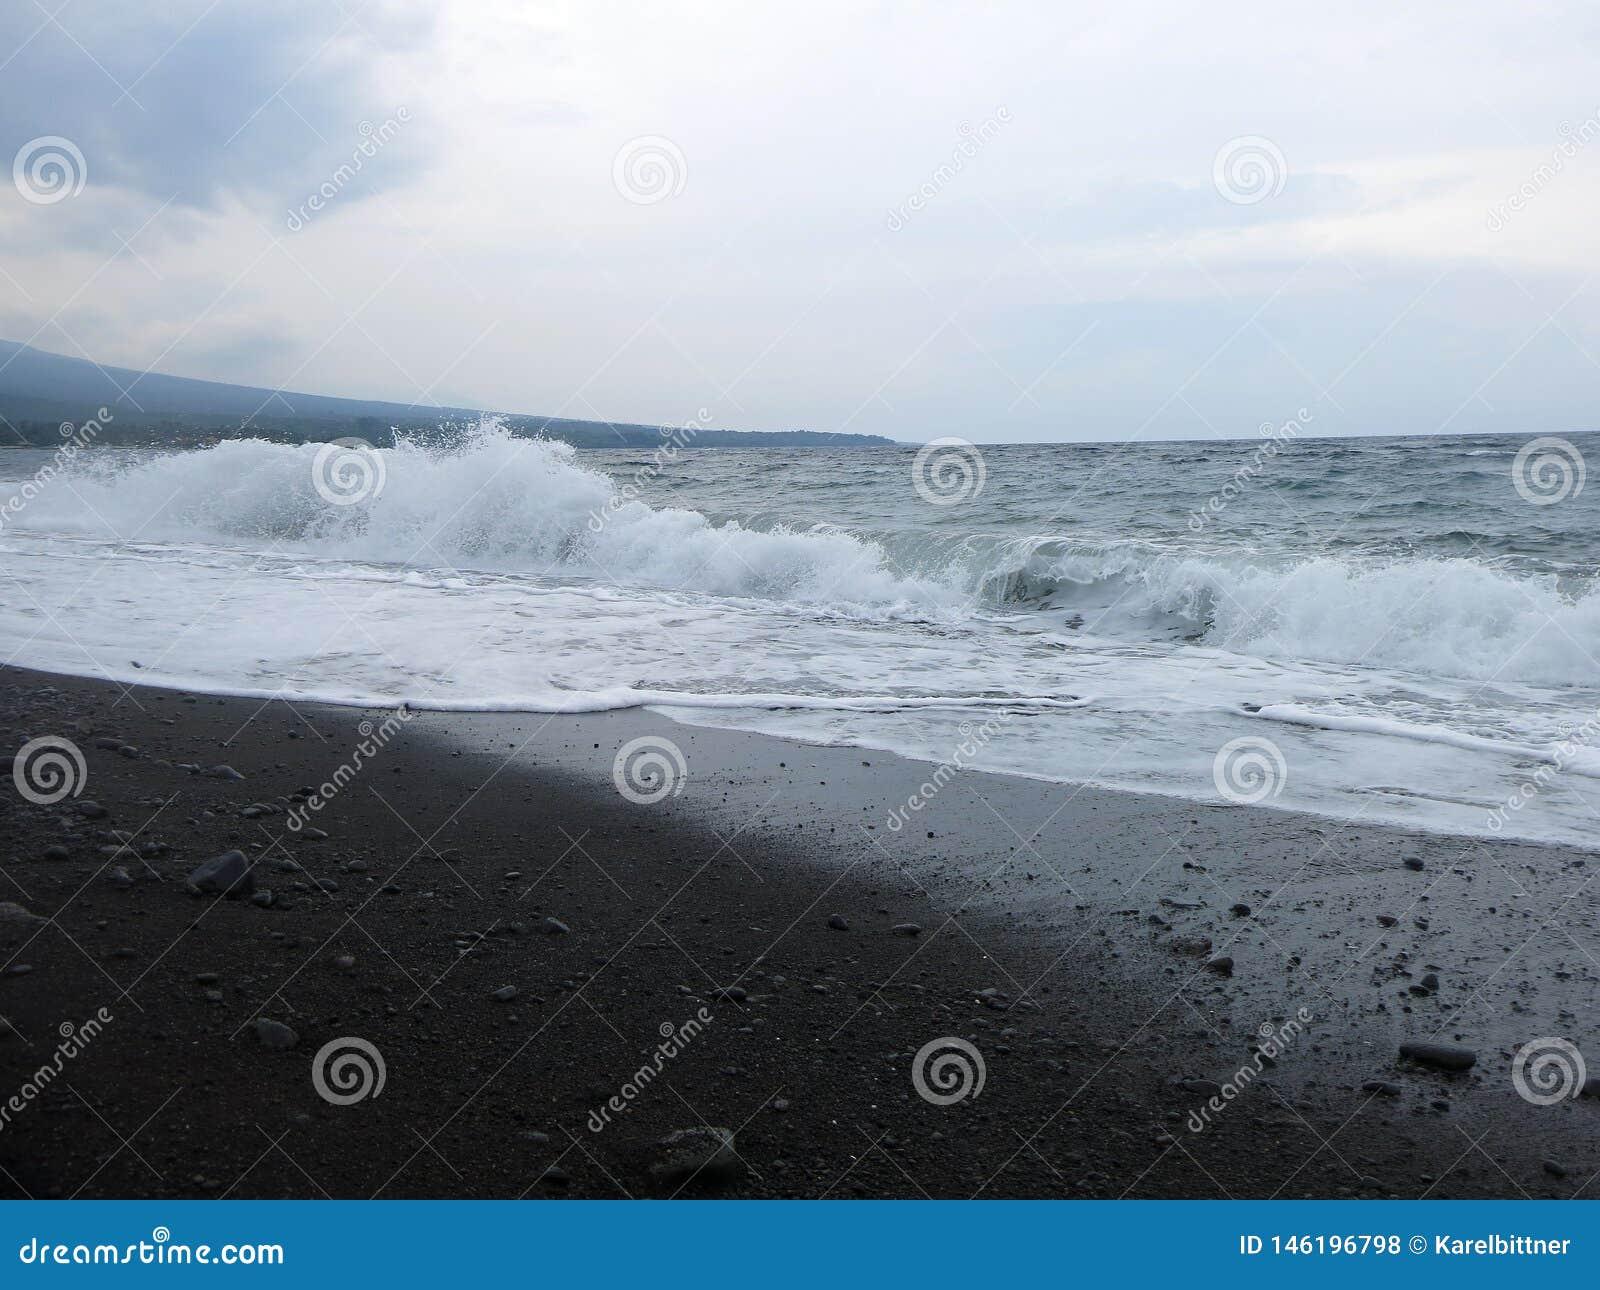 V?g-, br?nning- och havsskum som sl?r den sandiga svarta vulkaniska sandstranden av Bali I Amed ?r havet tyst, men v?gorna runt o